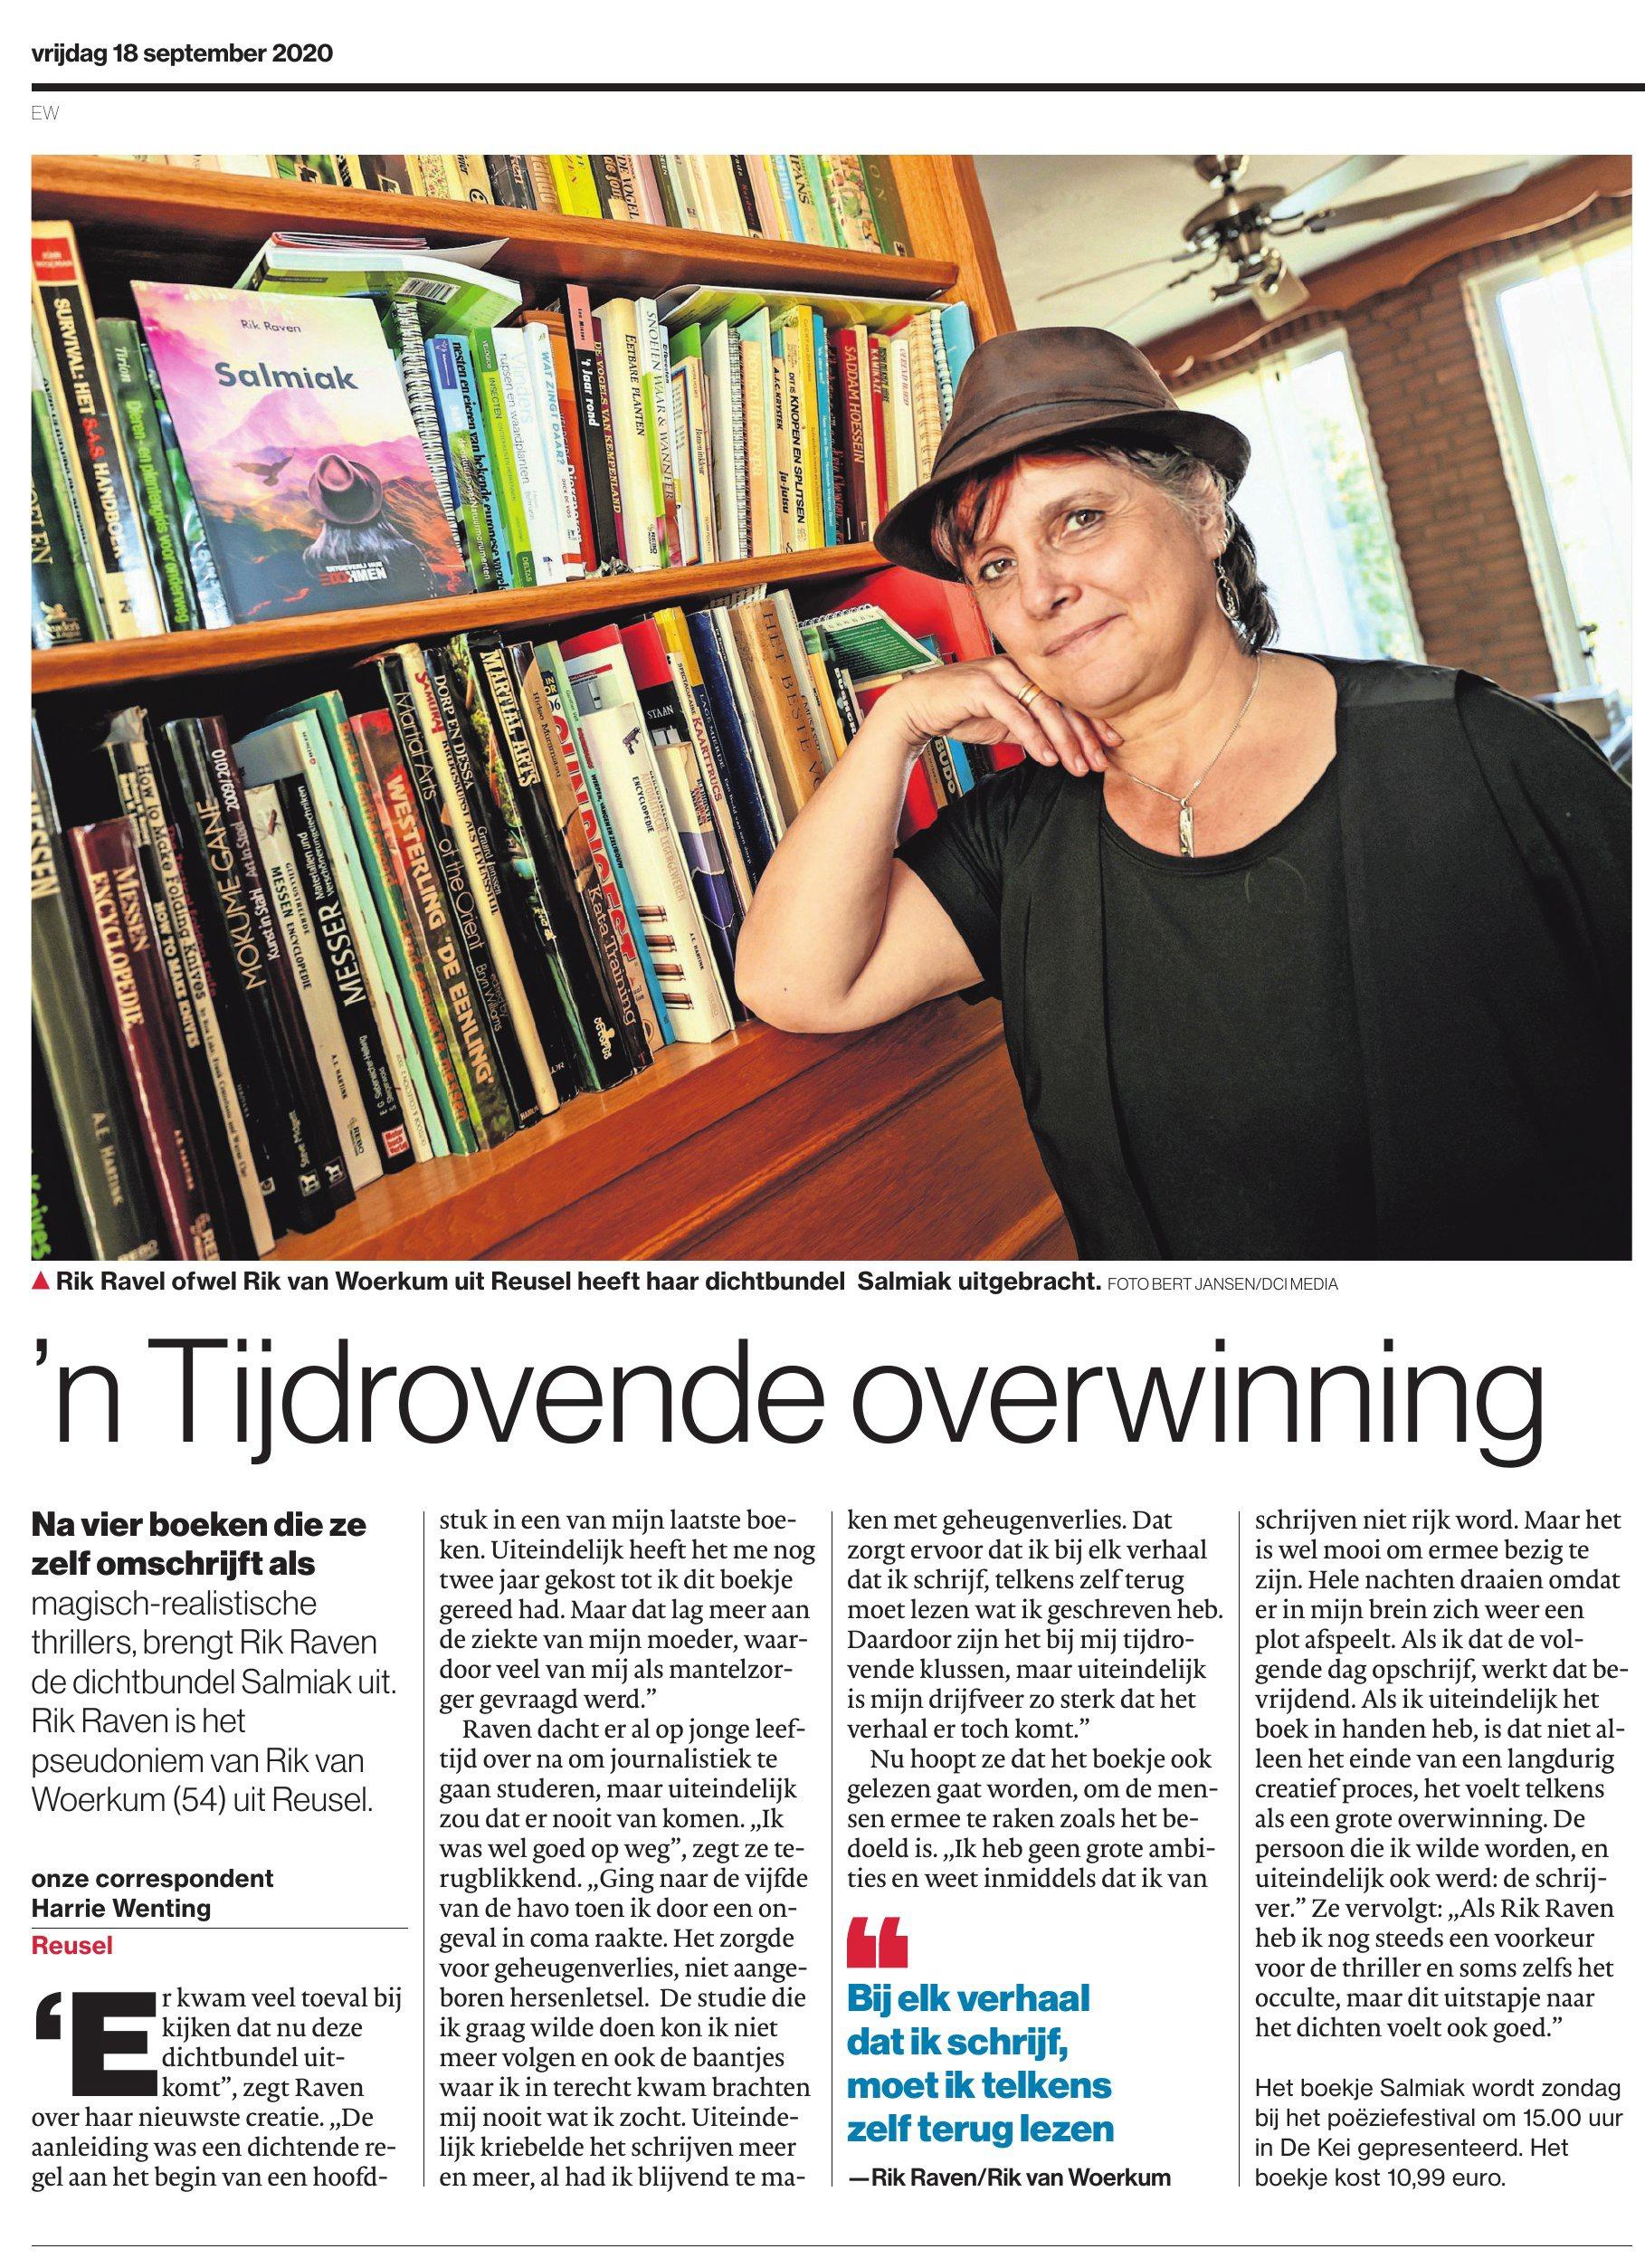 Artikel Eindhovens Dagblad 18 sept 2020